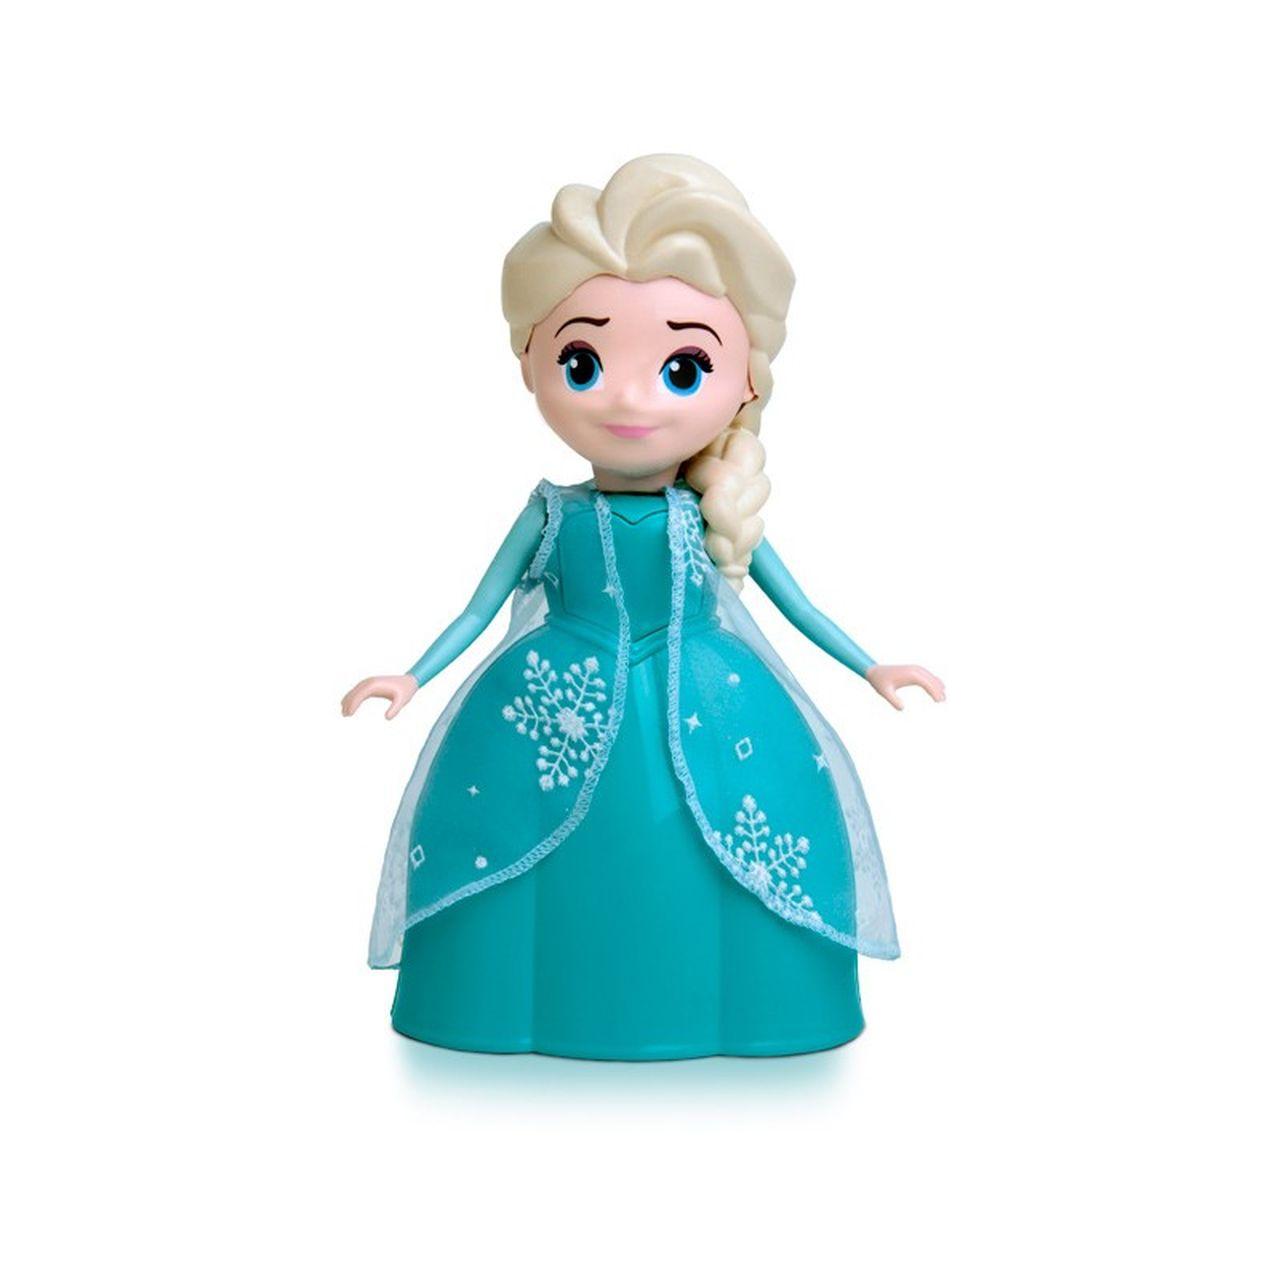 Boneca Elsa Frozen 24cm Com Falas - Elka